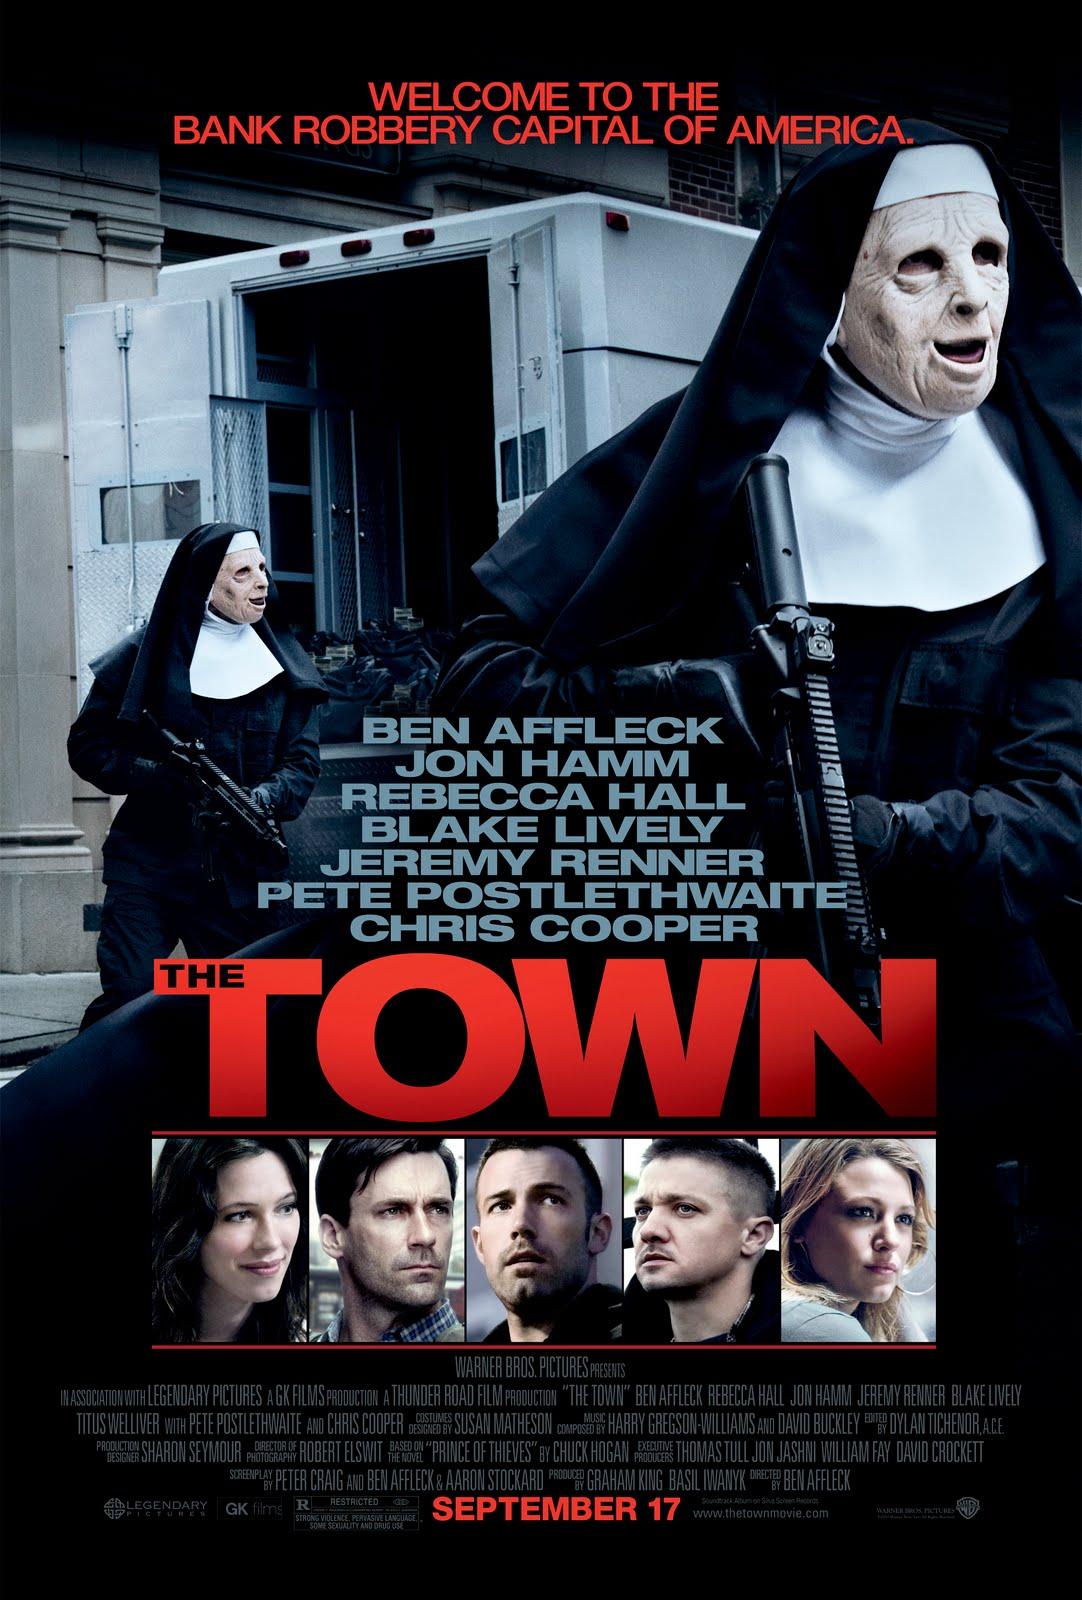 http://3.bp.blogspot.com/_jRXzxru7SOg/TKbn9a3l47I/AAAAAAAABKc/w1UmNLBtk4I/s1600/the_town_movie_poster_01.jpg